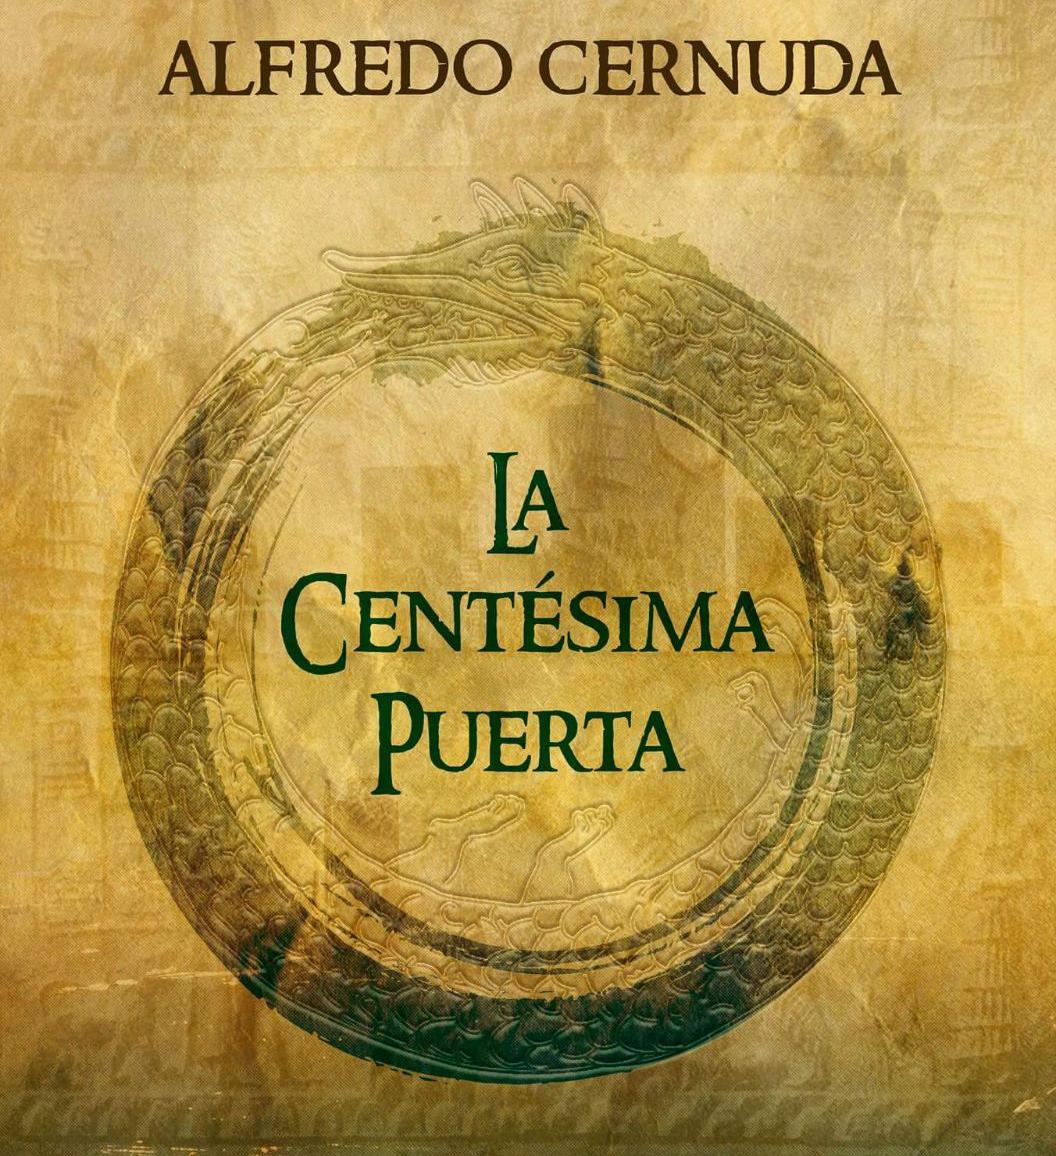 Atrapalibros, Alfredo Cernuda, La Centésima Puerta